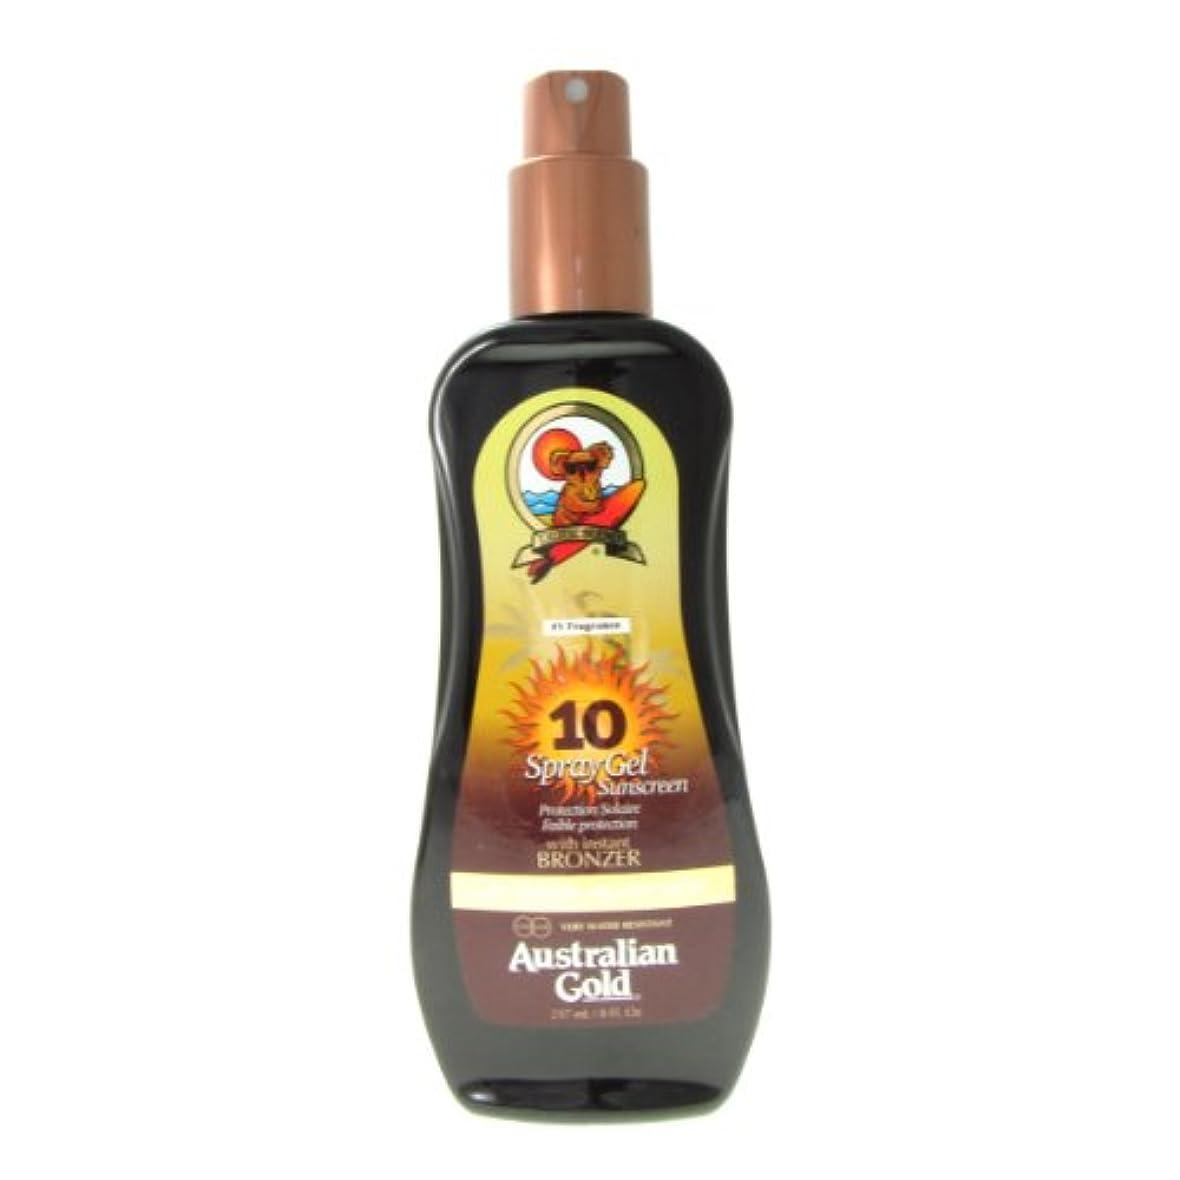 空いている素晴らしさ名義でAustralian Gold Spray Gel Spf10 Instant Bronzer 237ml [並行輸入品]